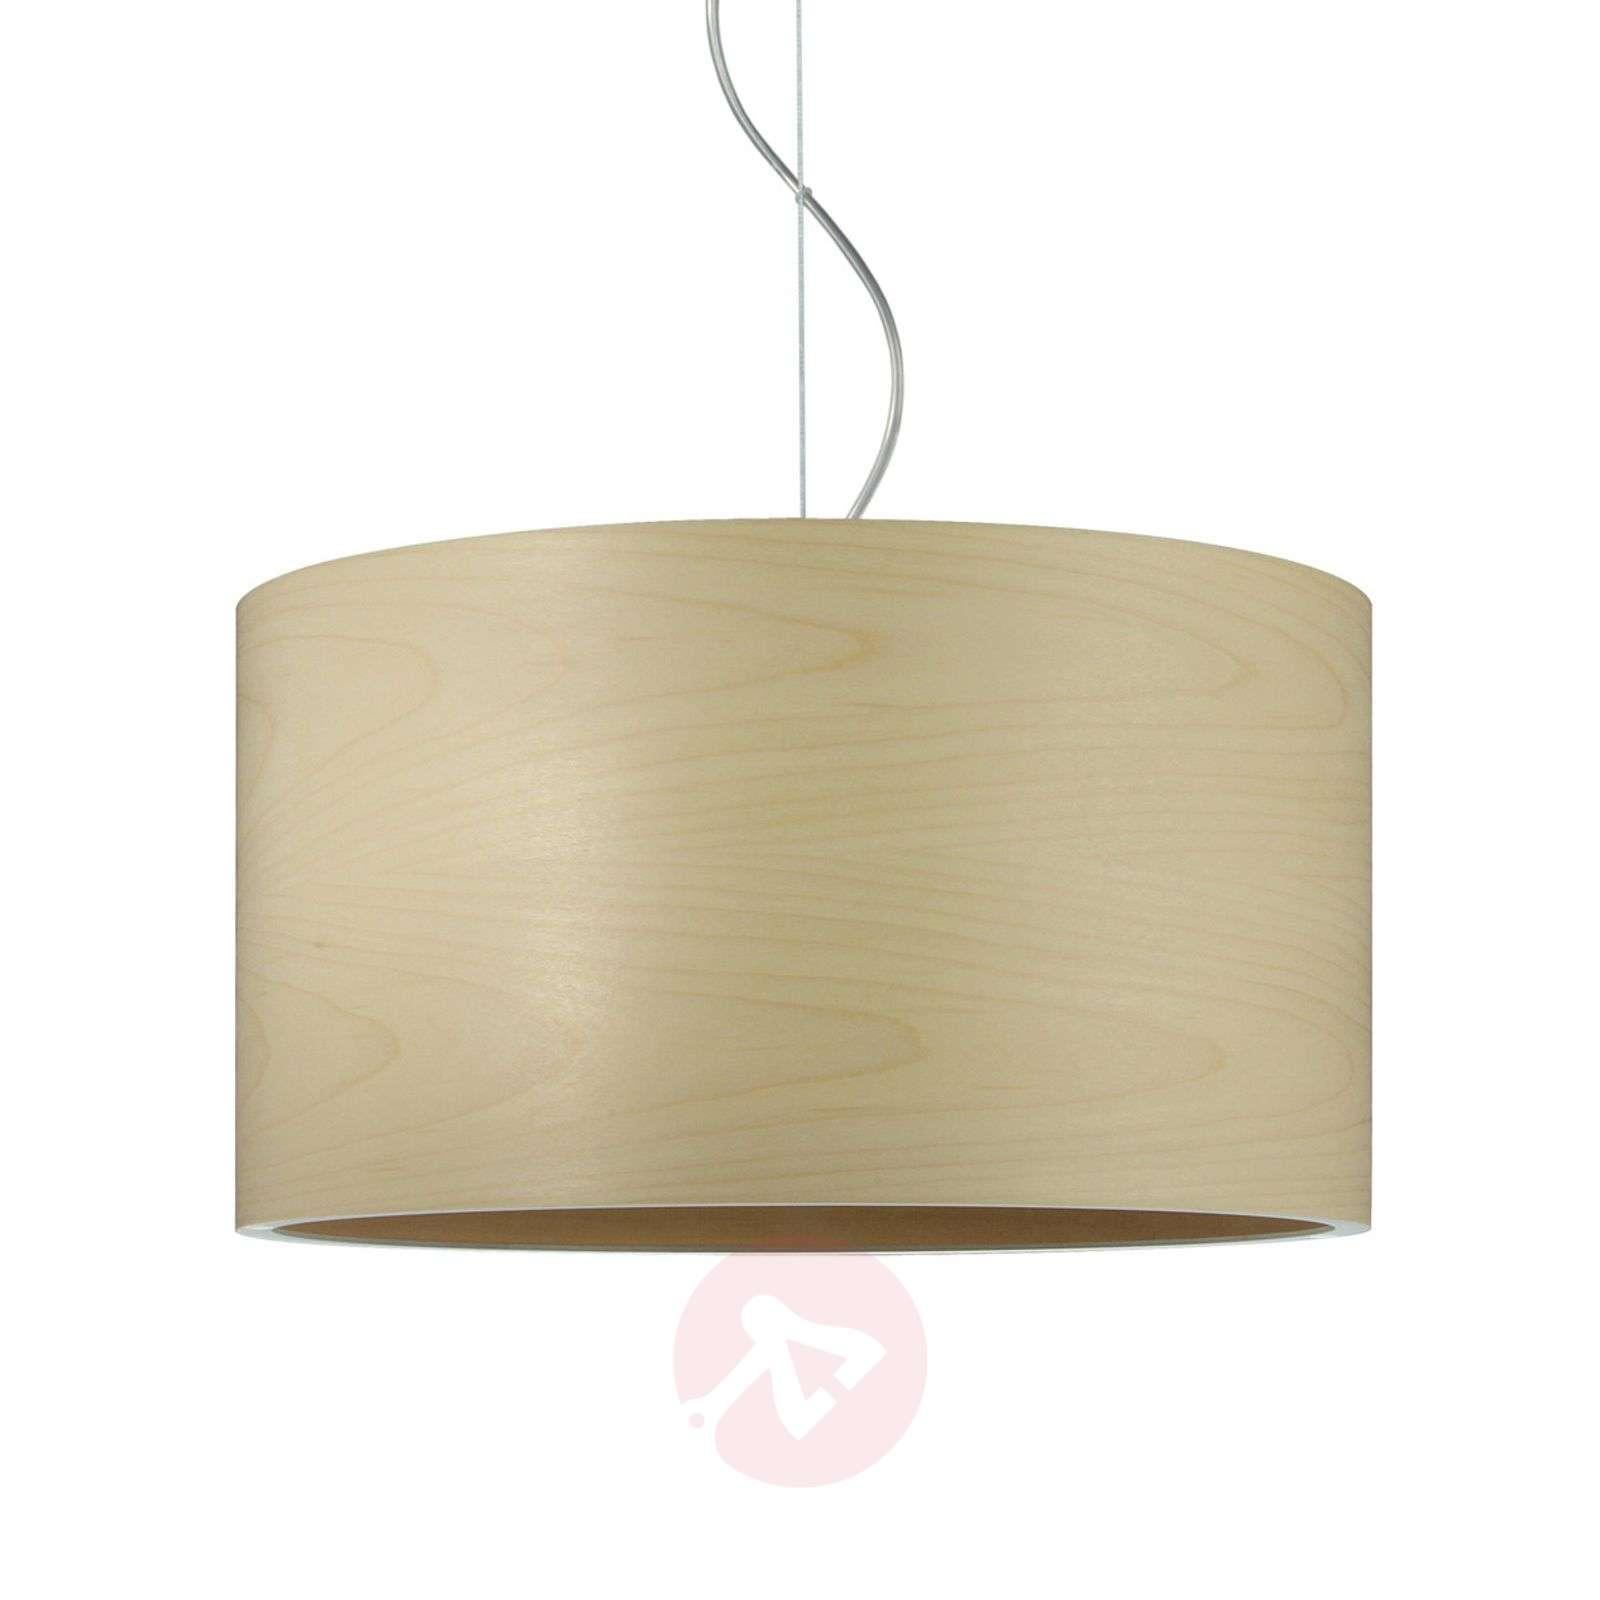 wood veneer lighting. Wood Veneer Hanging Light Funk, Maple-2609012-01 Lighting N